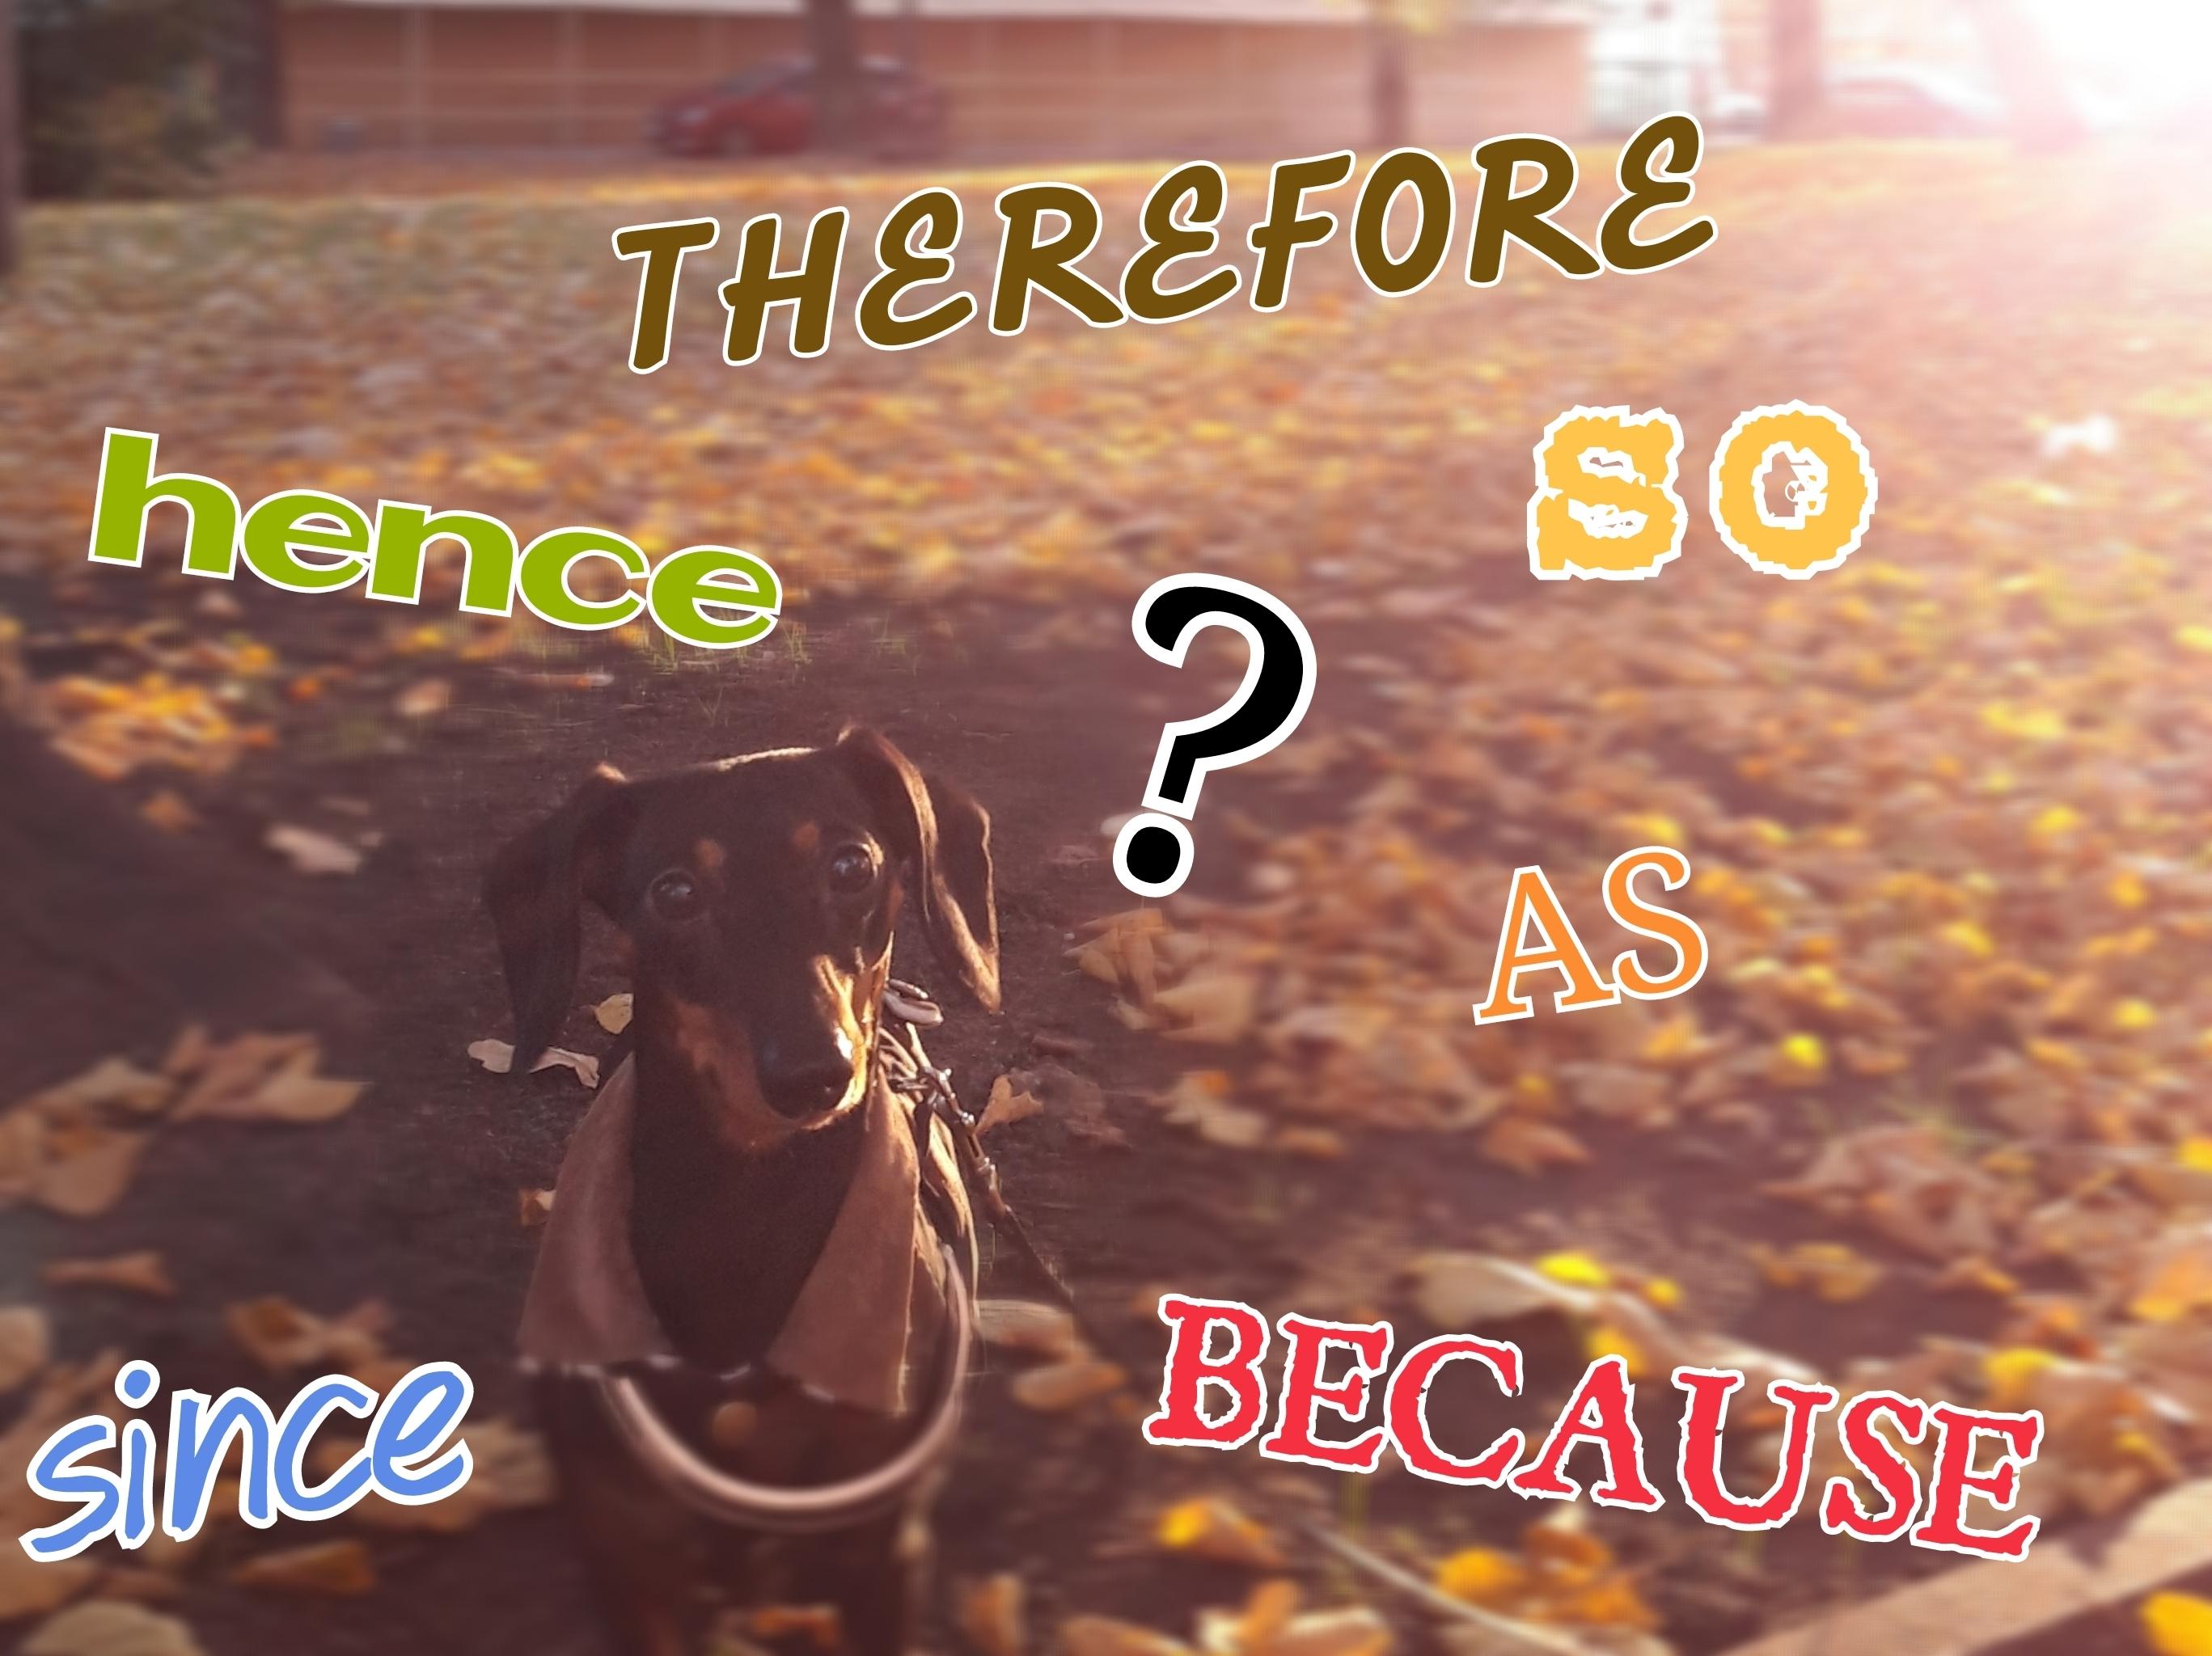 犬の写真に順接の単語を書いた画像です